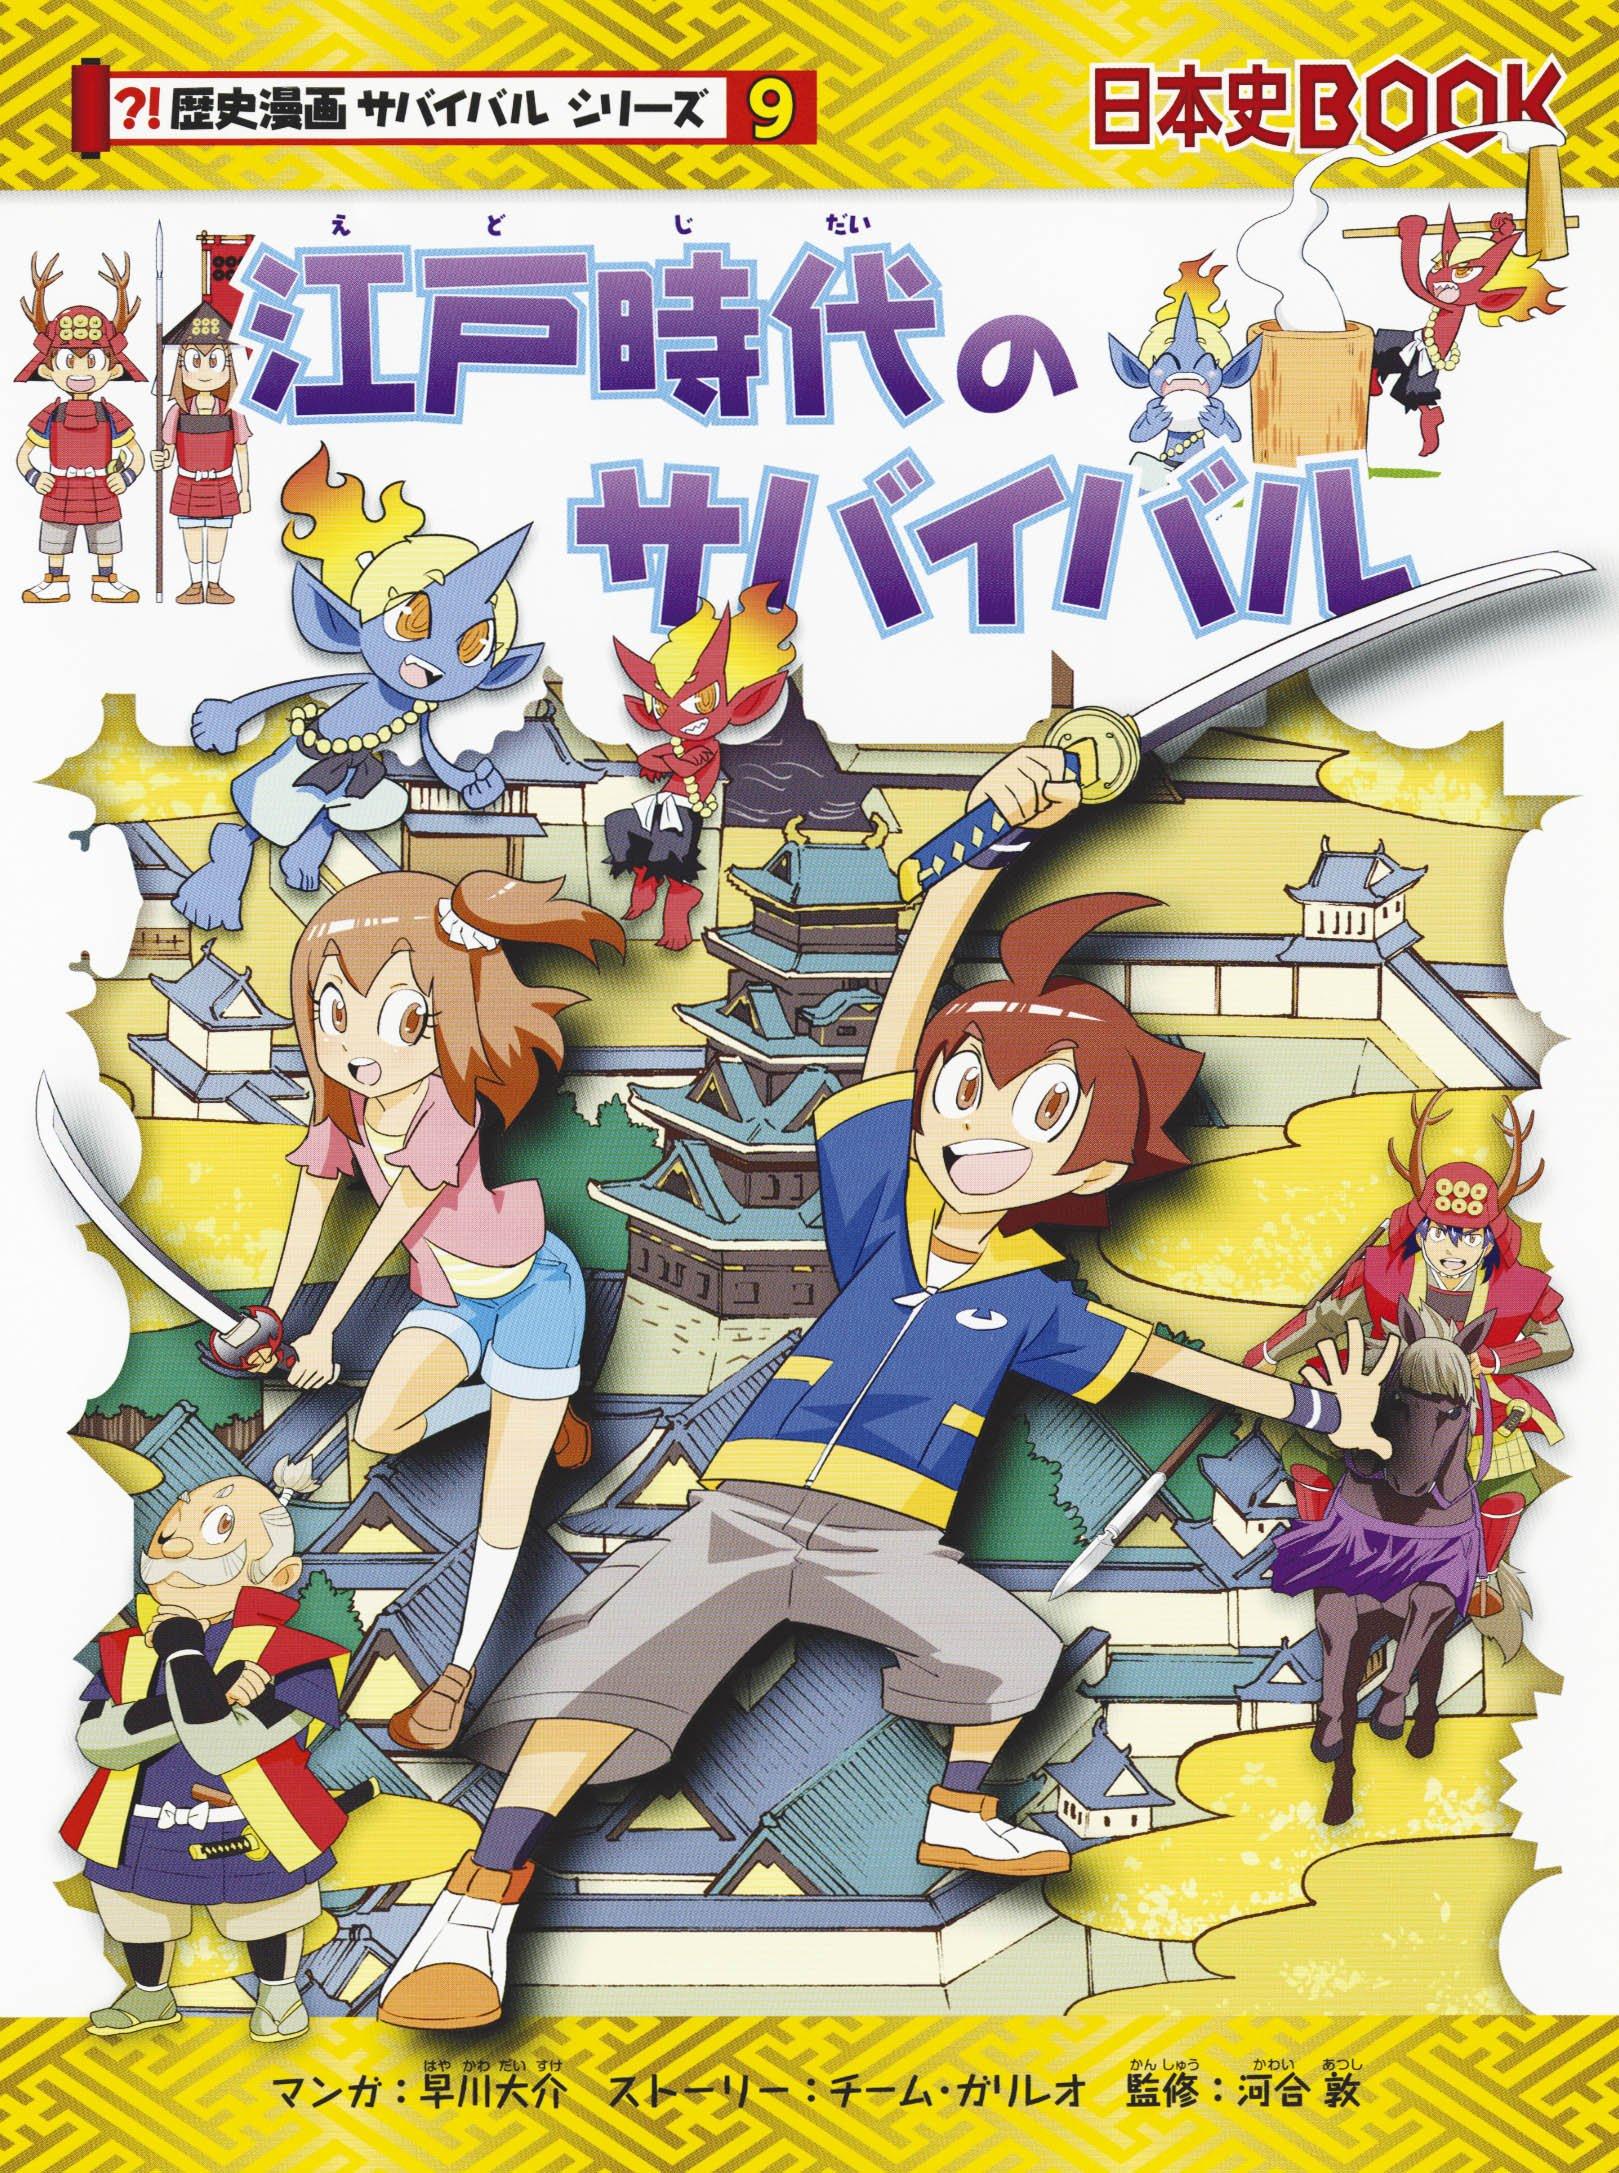 江戸時代のサバイバル (歴史漫画...